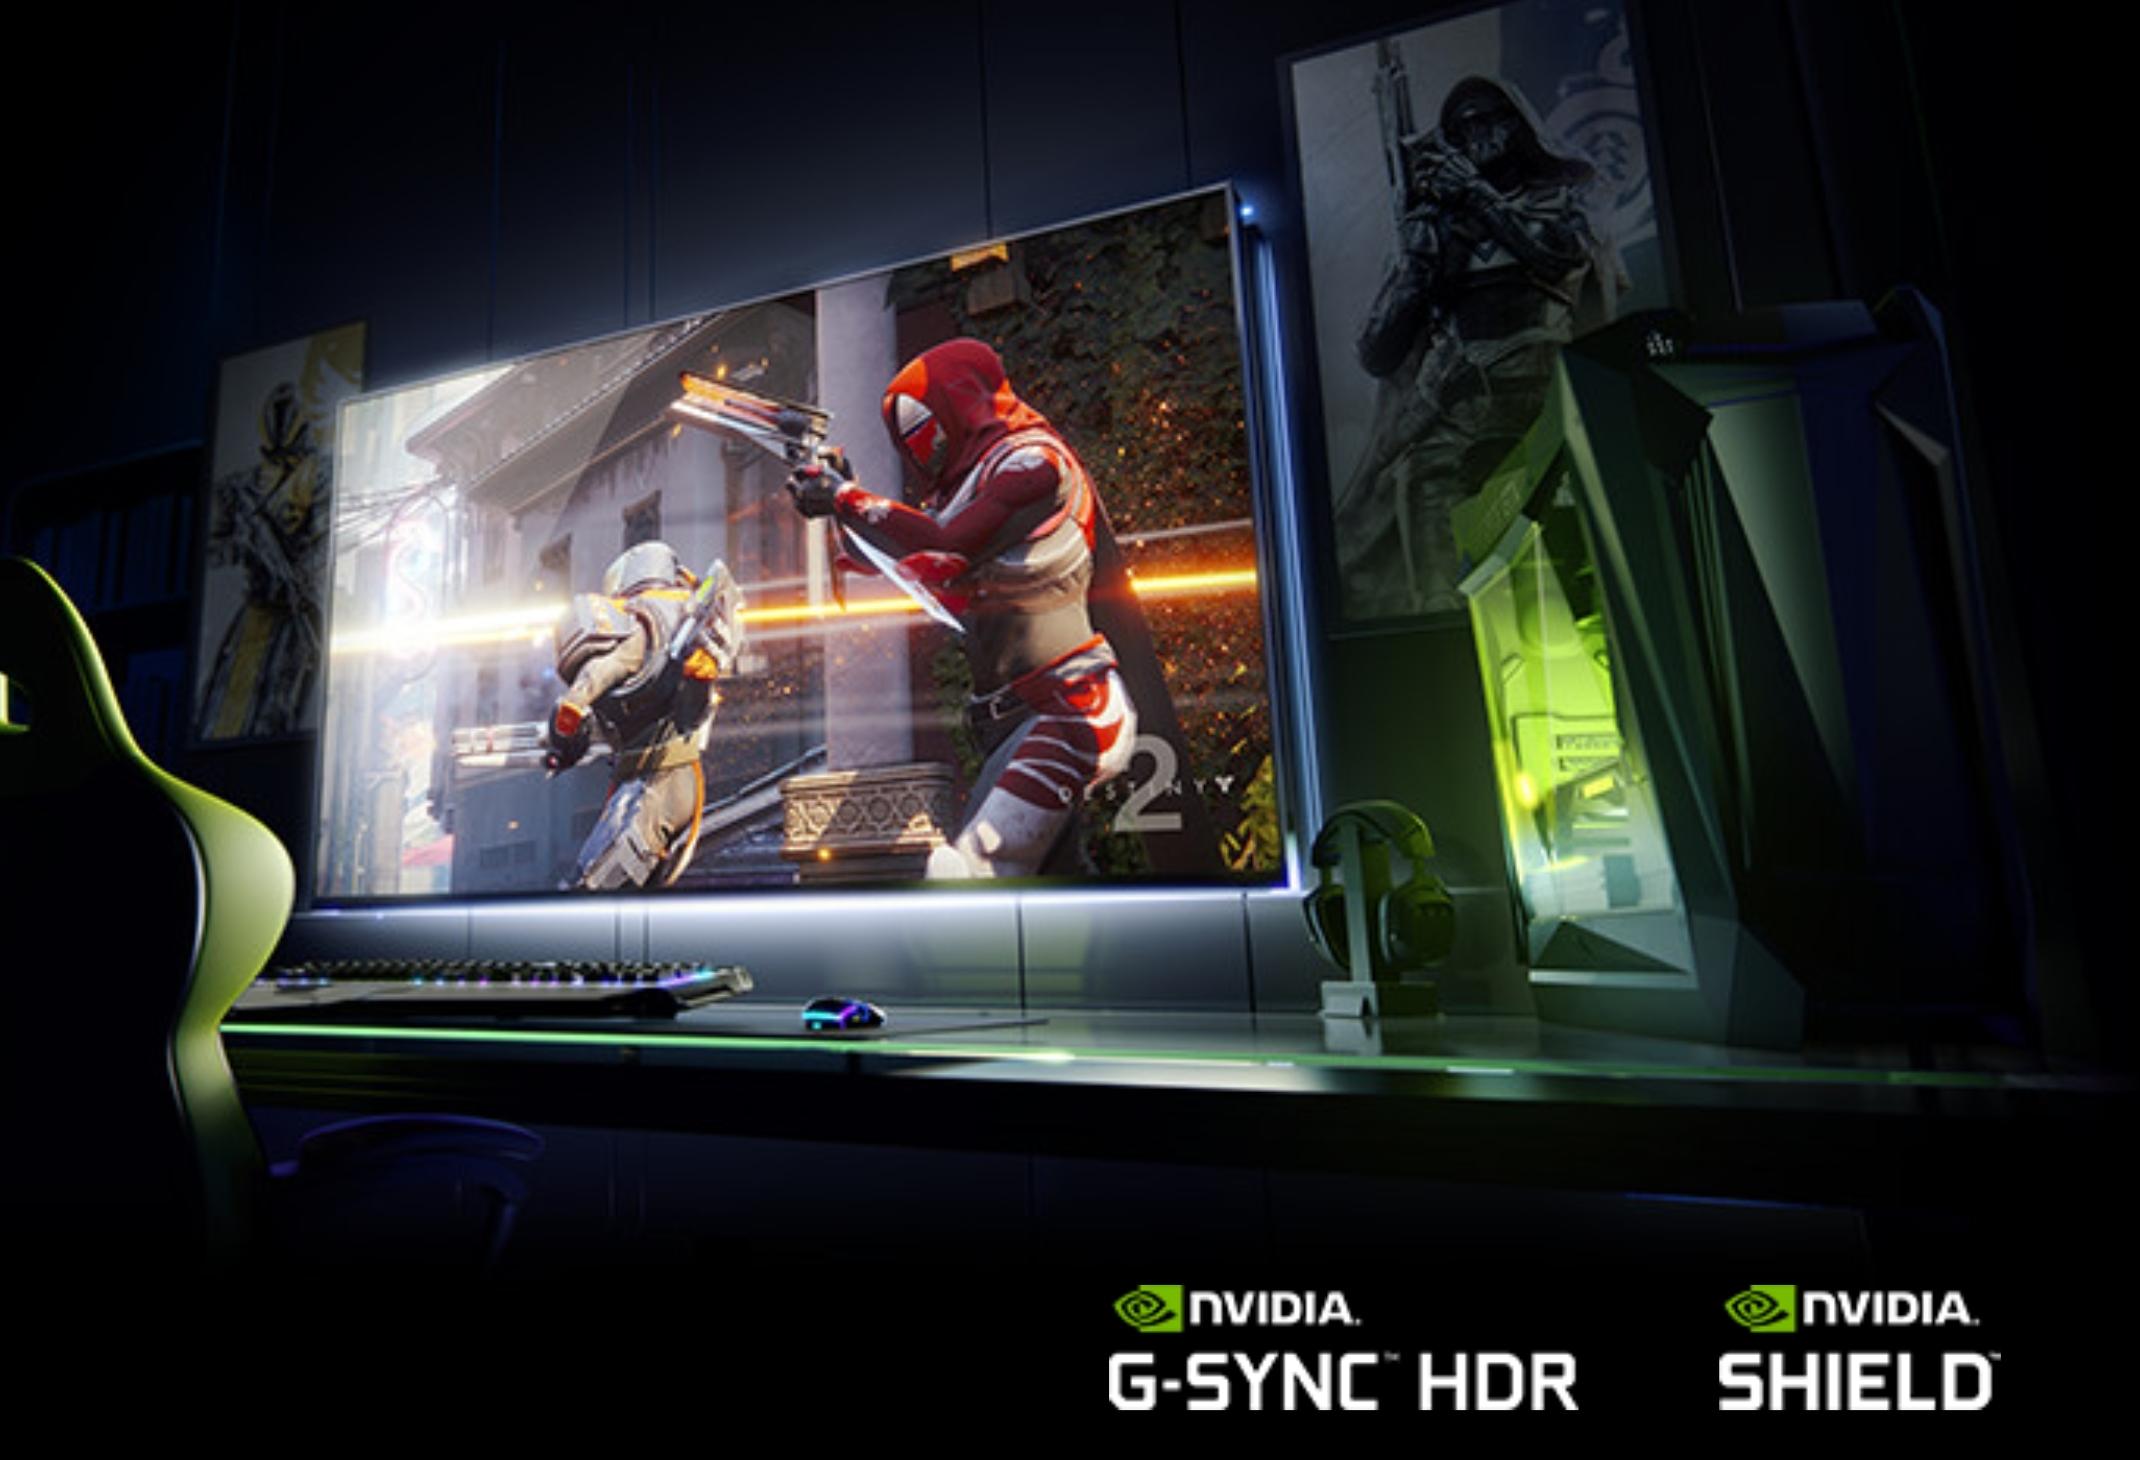 Nvidia utsetter tidenes råeste gaming-skjerm - pris: opp til 50 000 kroner